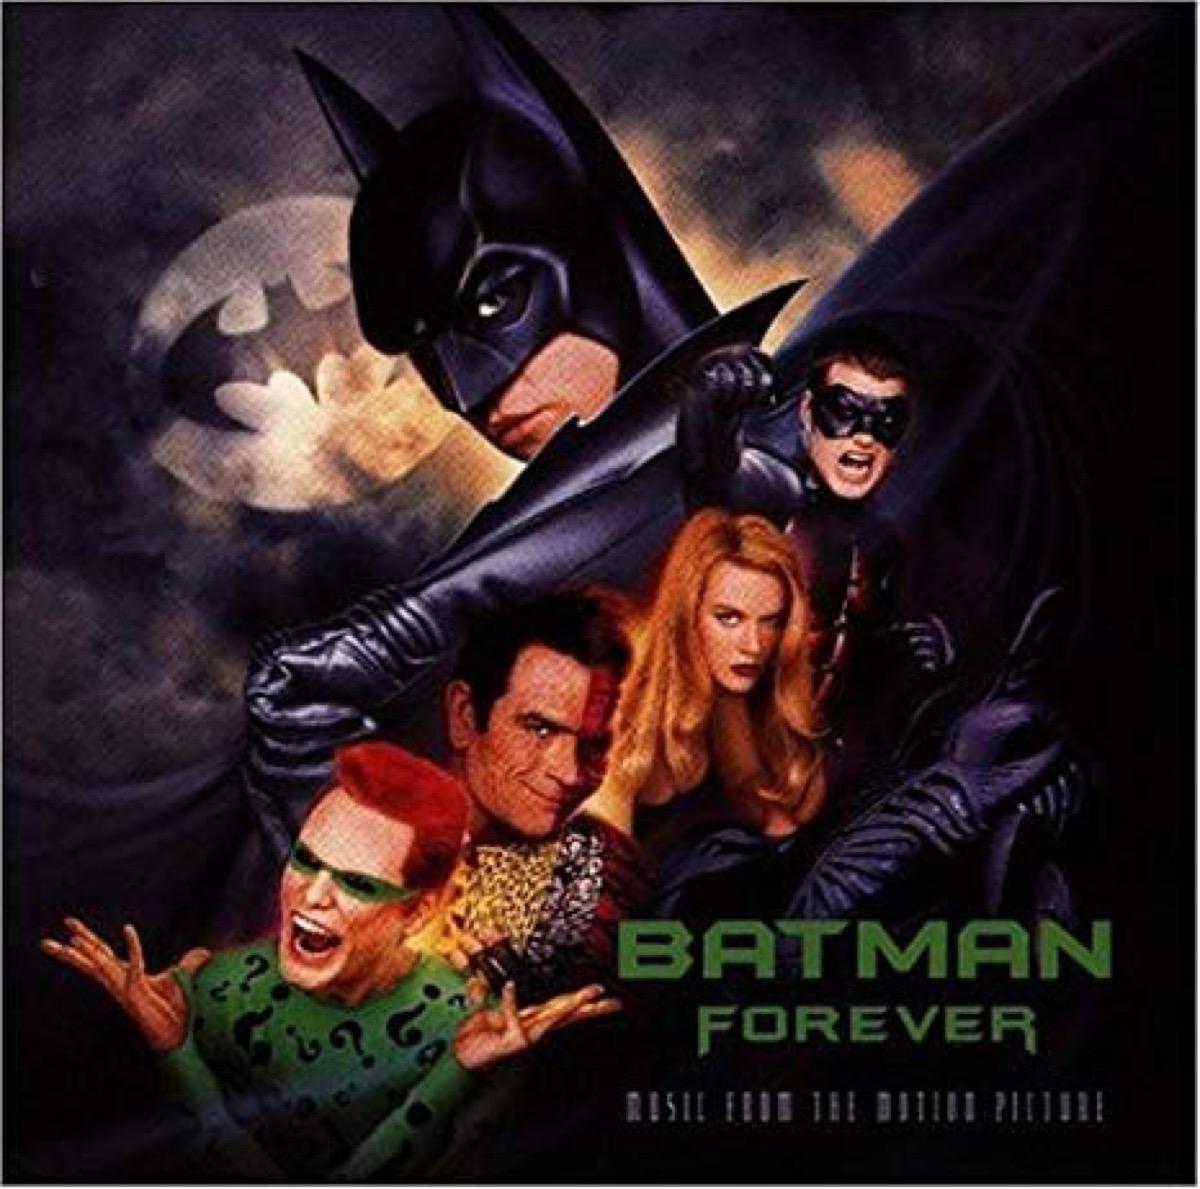 batman forever movie soundtrack album cover